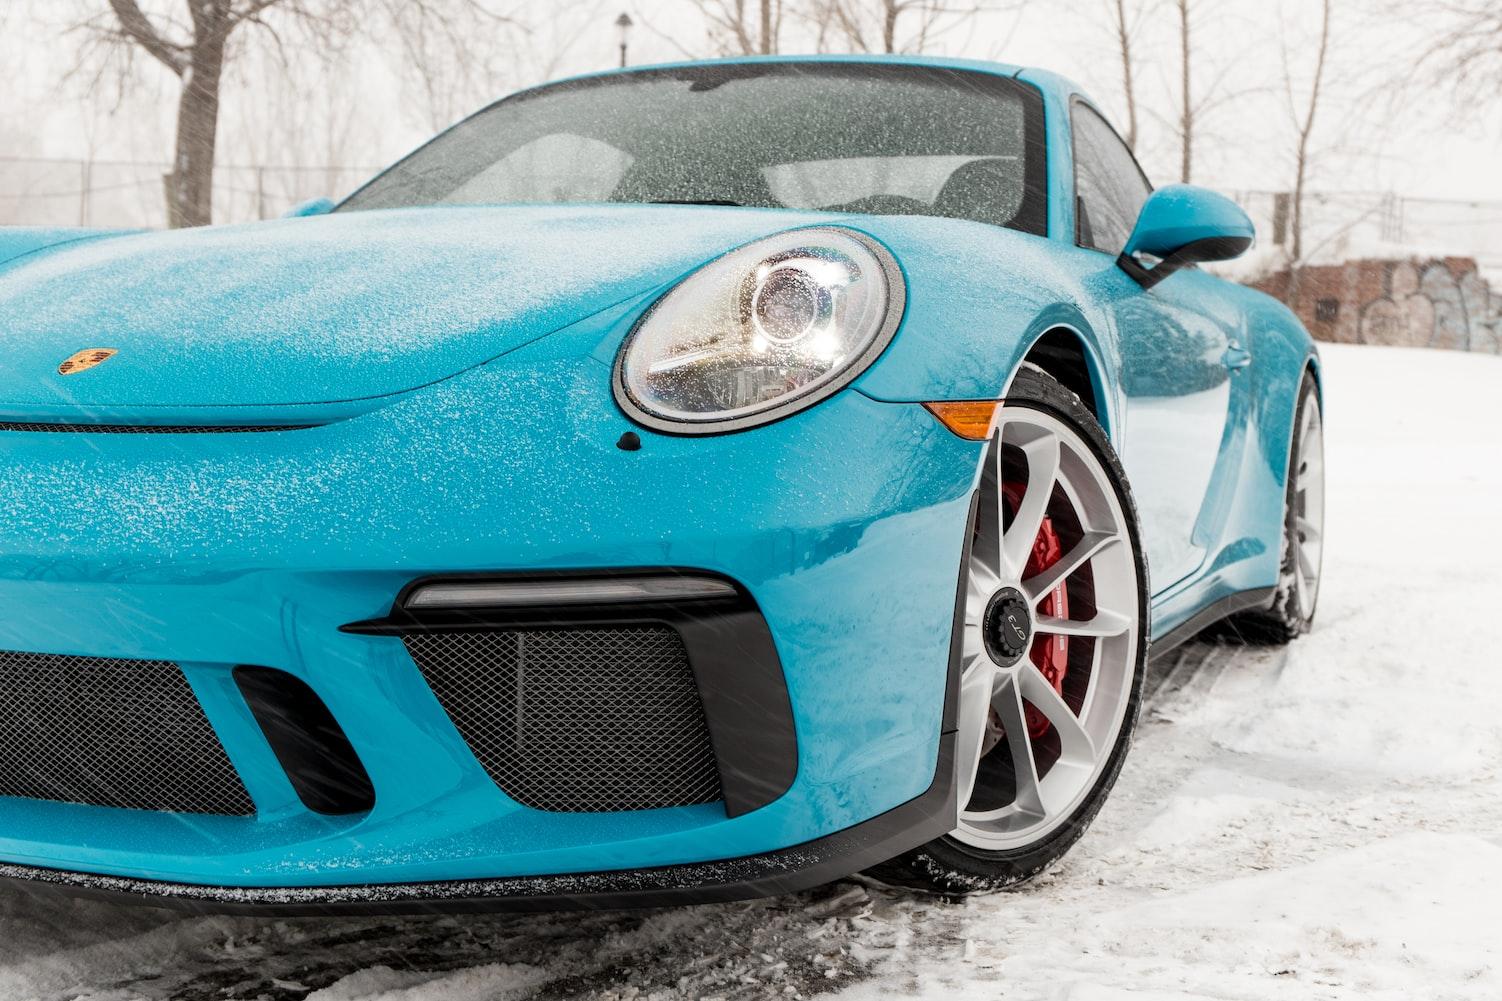 Blue Porsche Cayman in snow